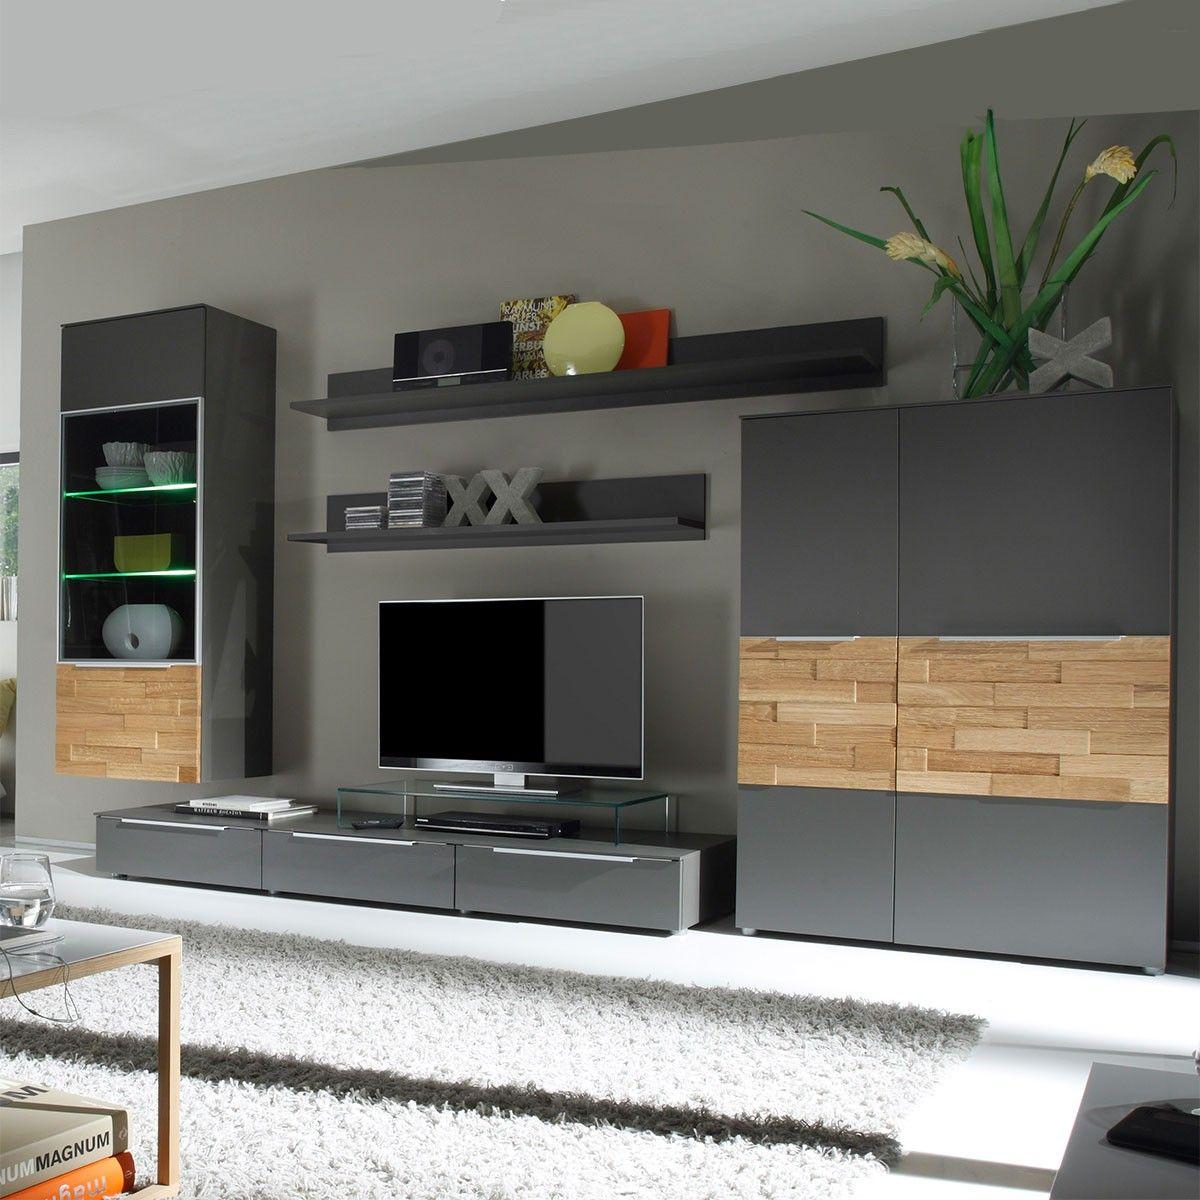 inspirierend wohnzimmerschrank modern - Wohnzimmerschrank Modern